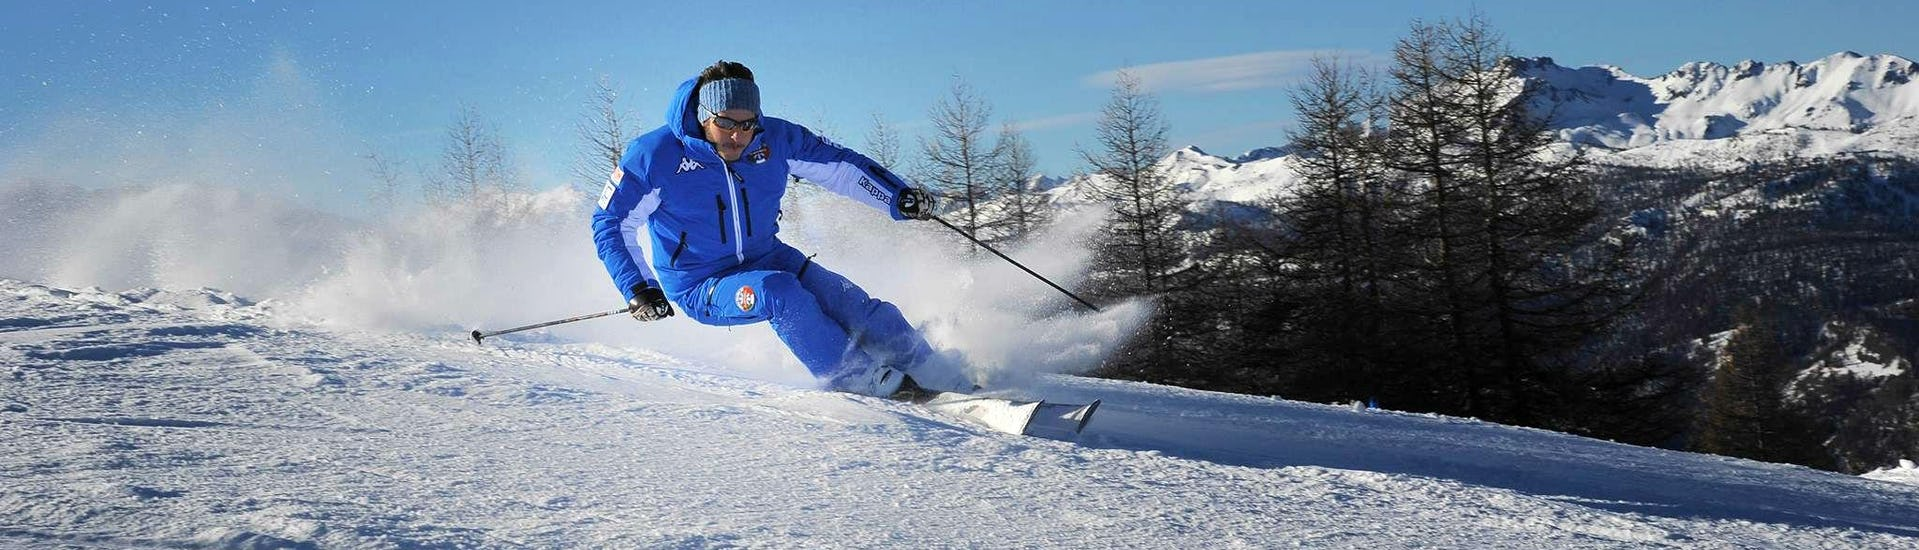 Un maestro della Scuola di Sci Olimpionica a Sestriere sta insegnando la giusta tecnica sciistica durante le Lezioni private di sci per adulti - Festività.